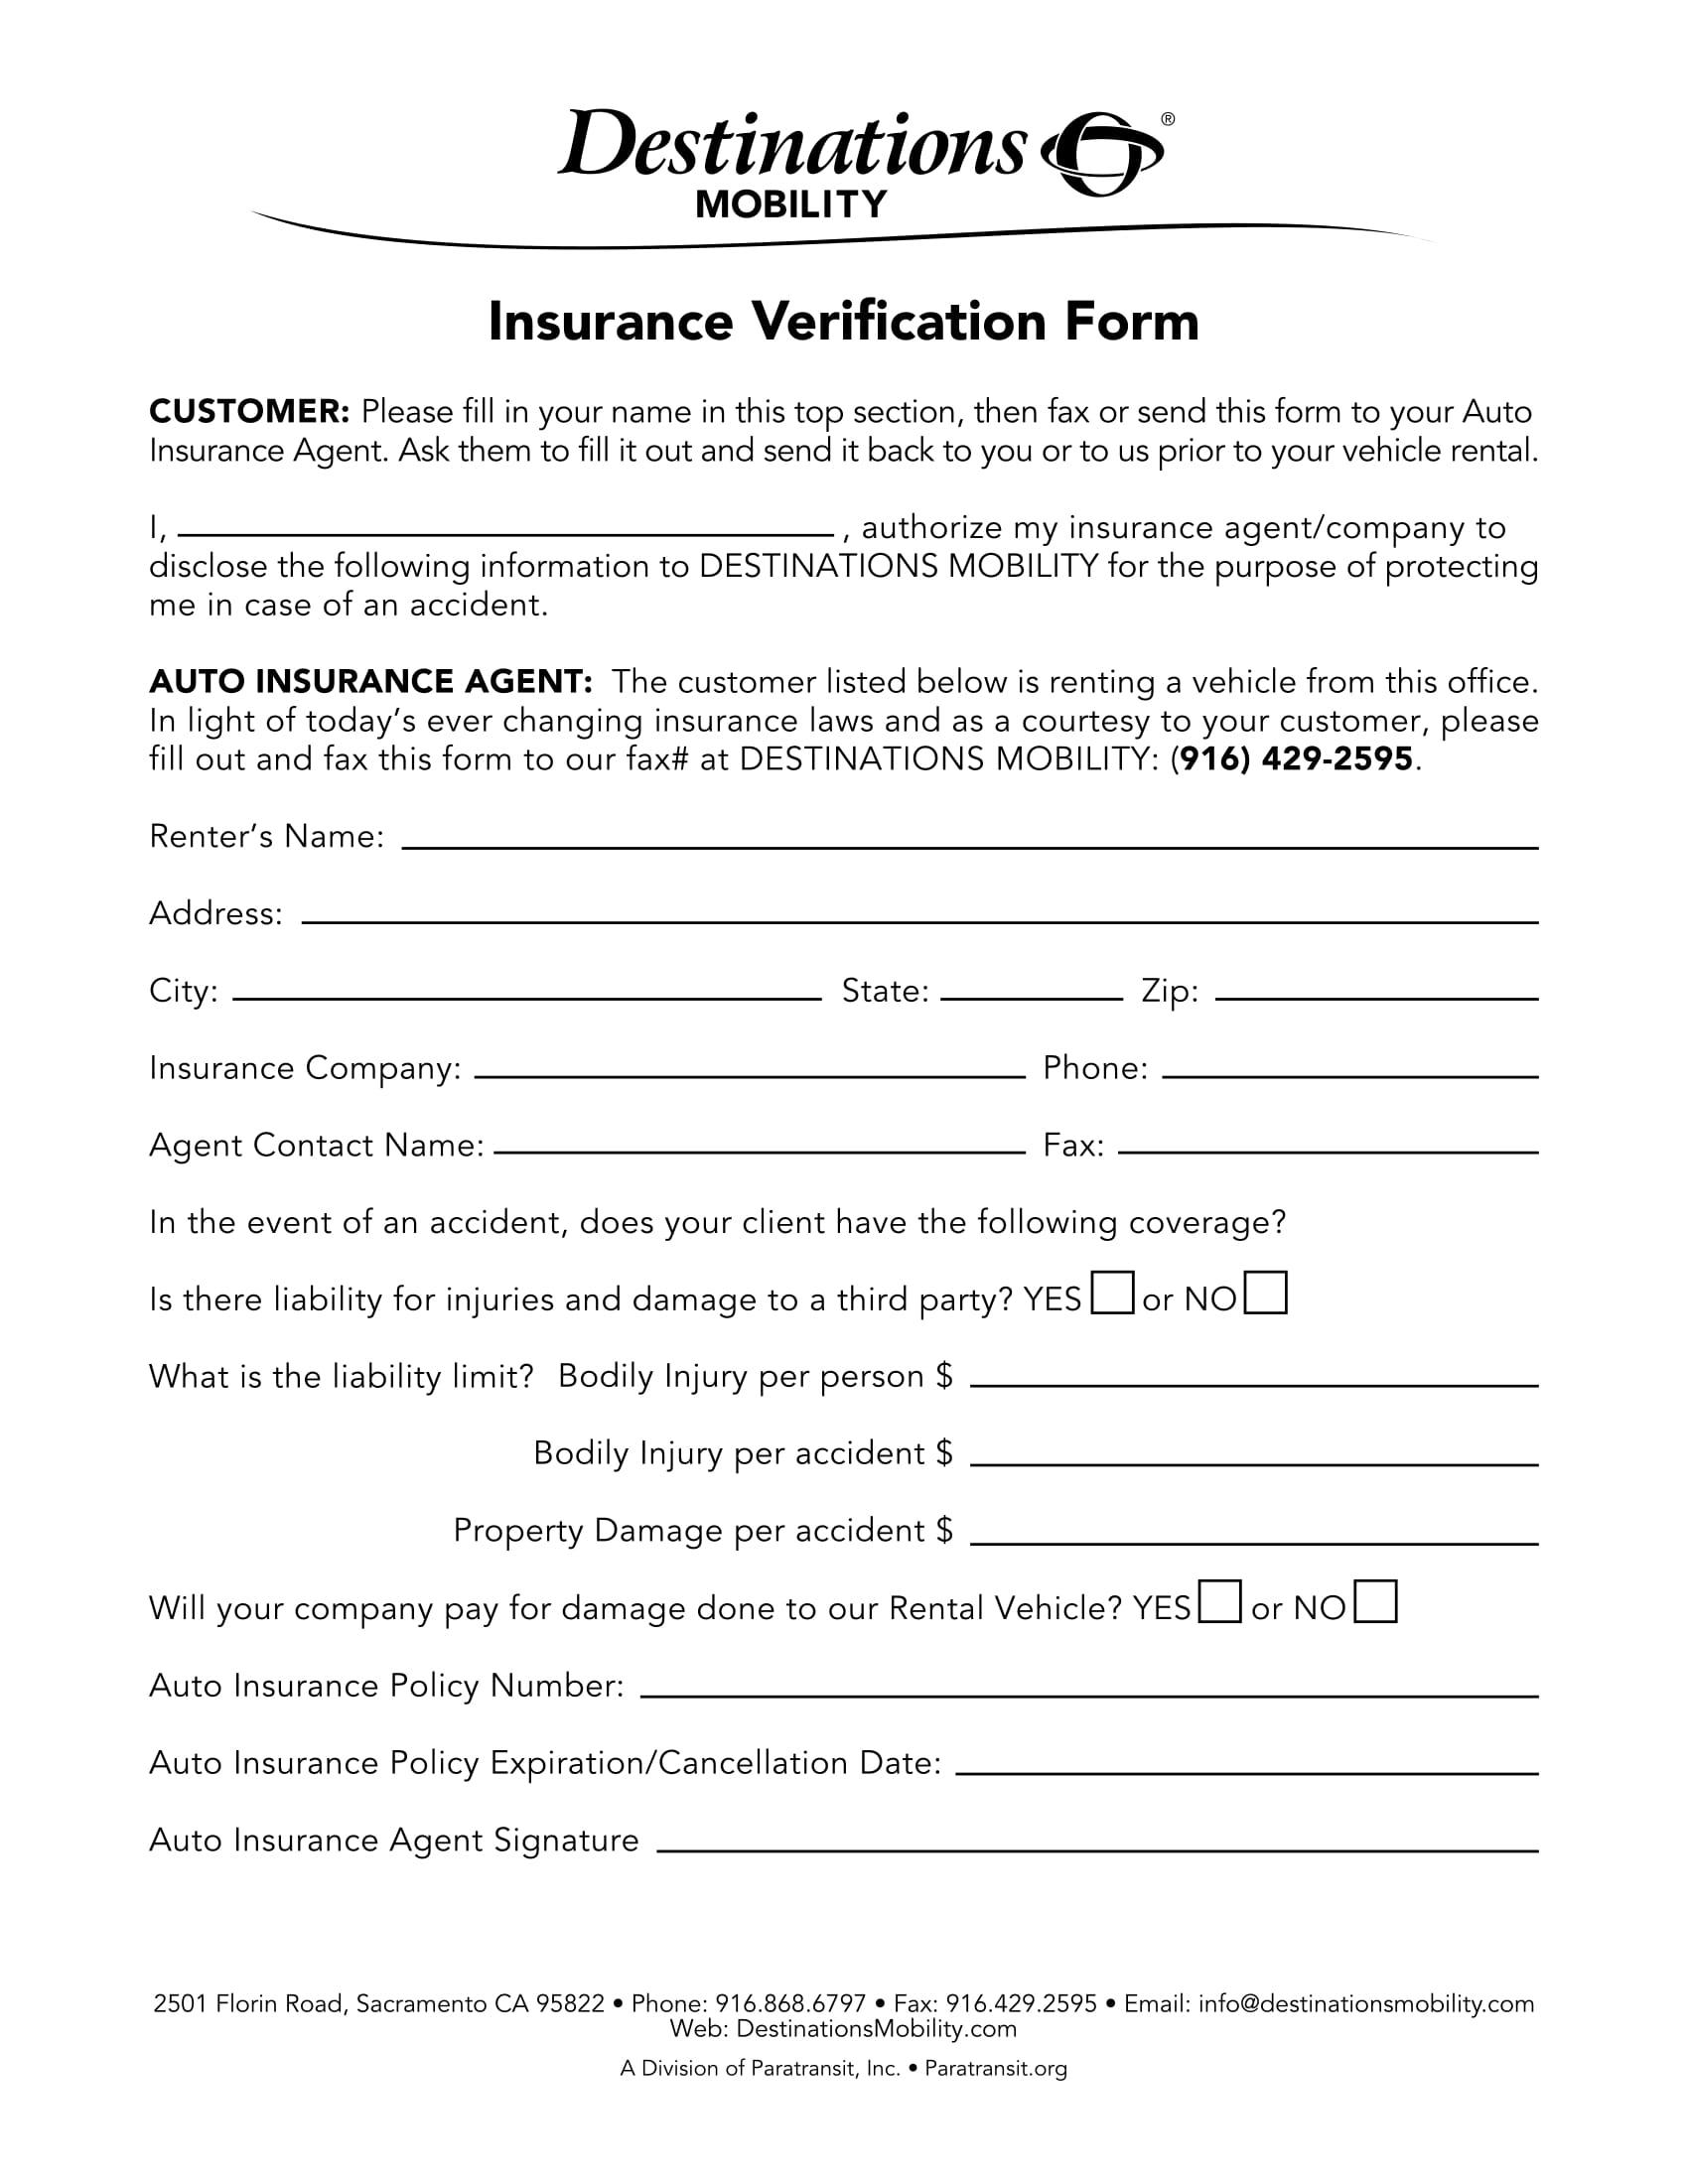 automobile insurance verification form 1